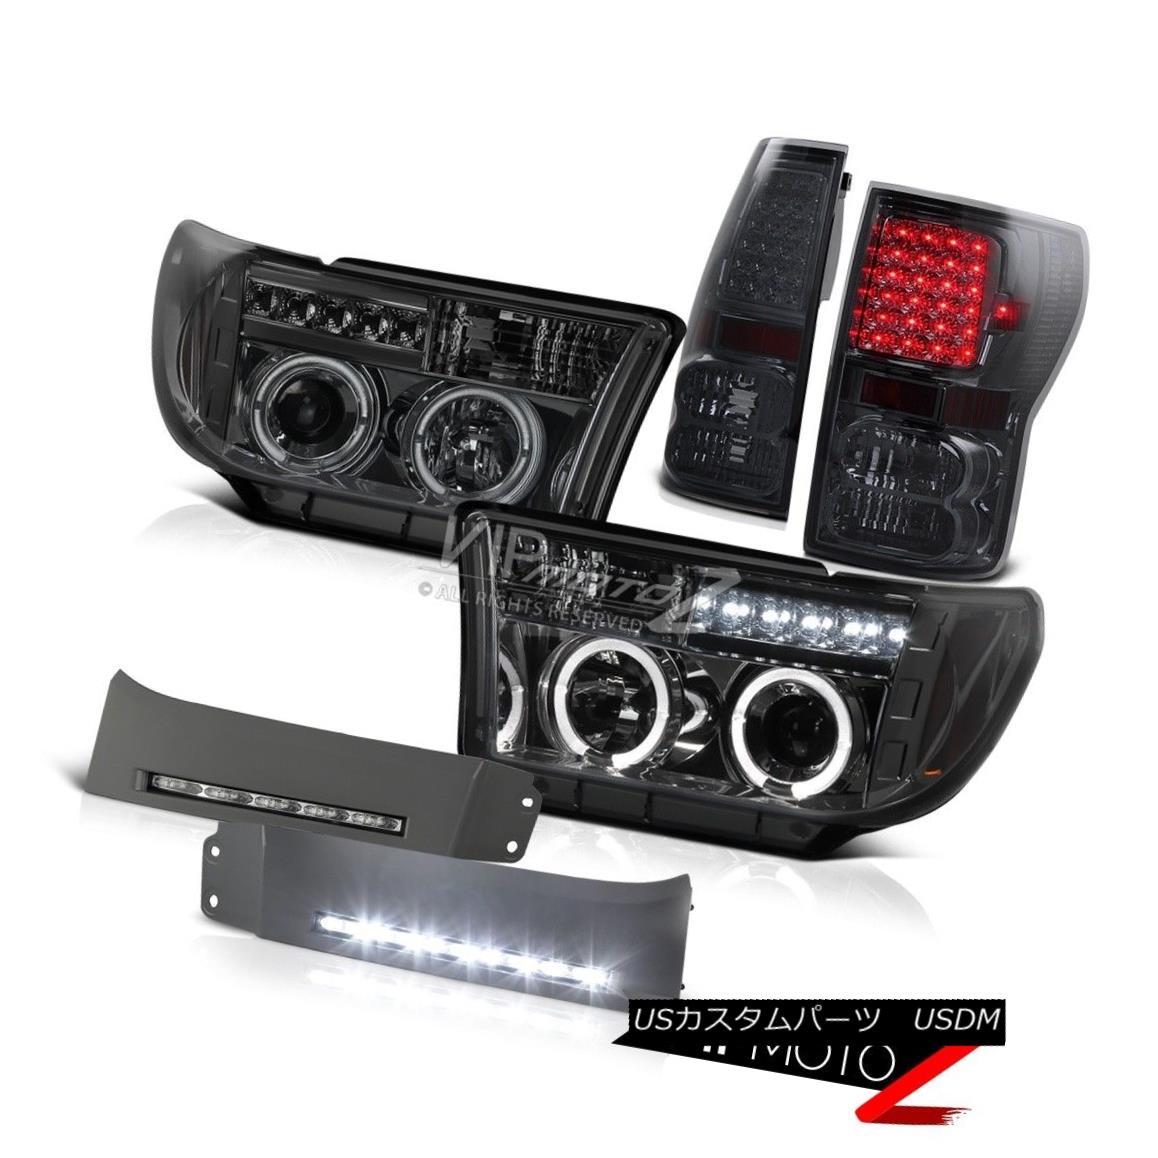 ヘッドライト [BRIGHTEST D.R.L] Smoke LED Headlight Halo Tail Light DRL Fog Driving Light Lamp [BRIGHTEST D.R.L]煙LEDヘッドライトハローテールライトDRL霧走行ライトランプ